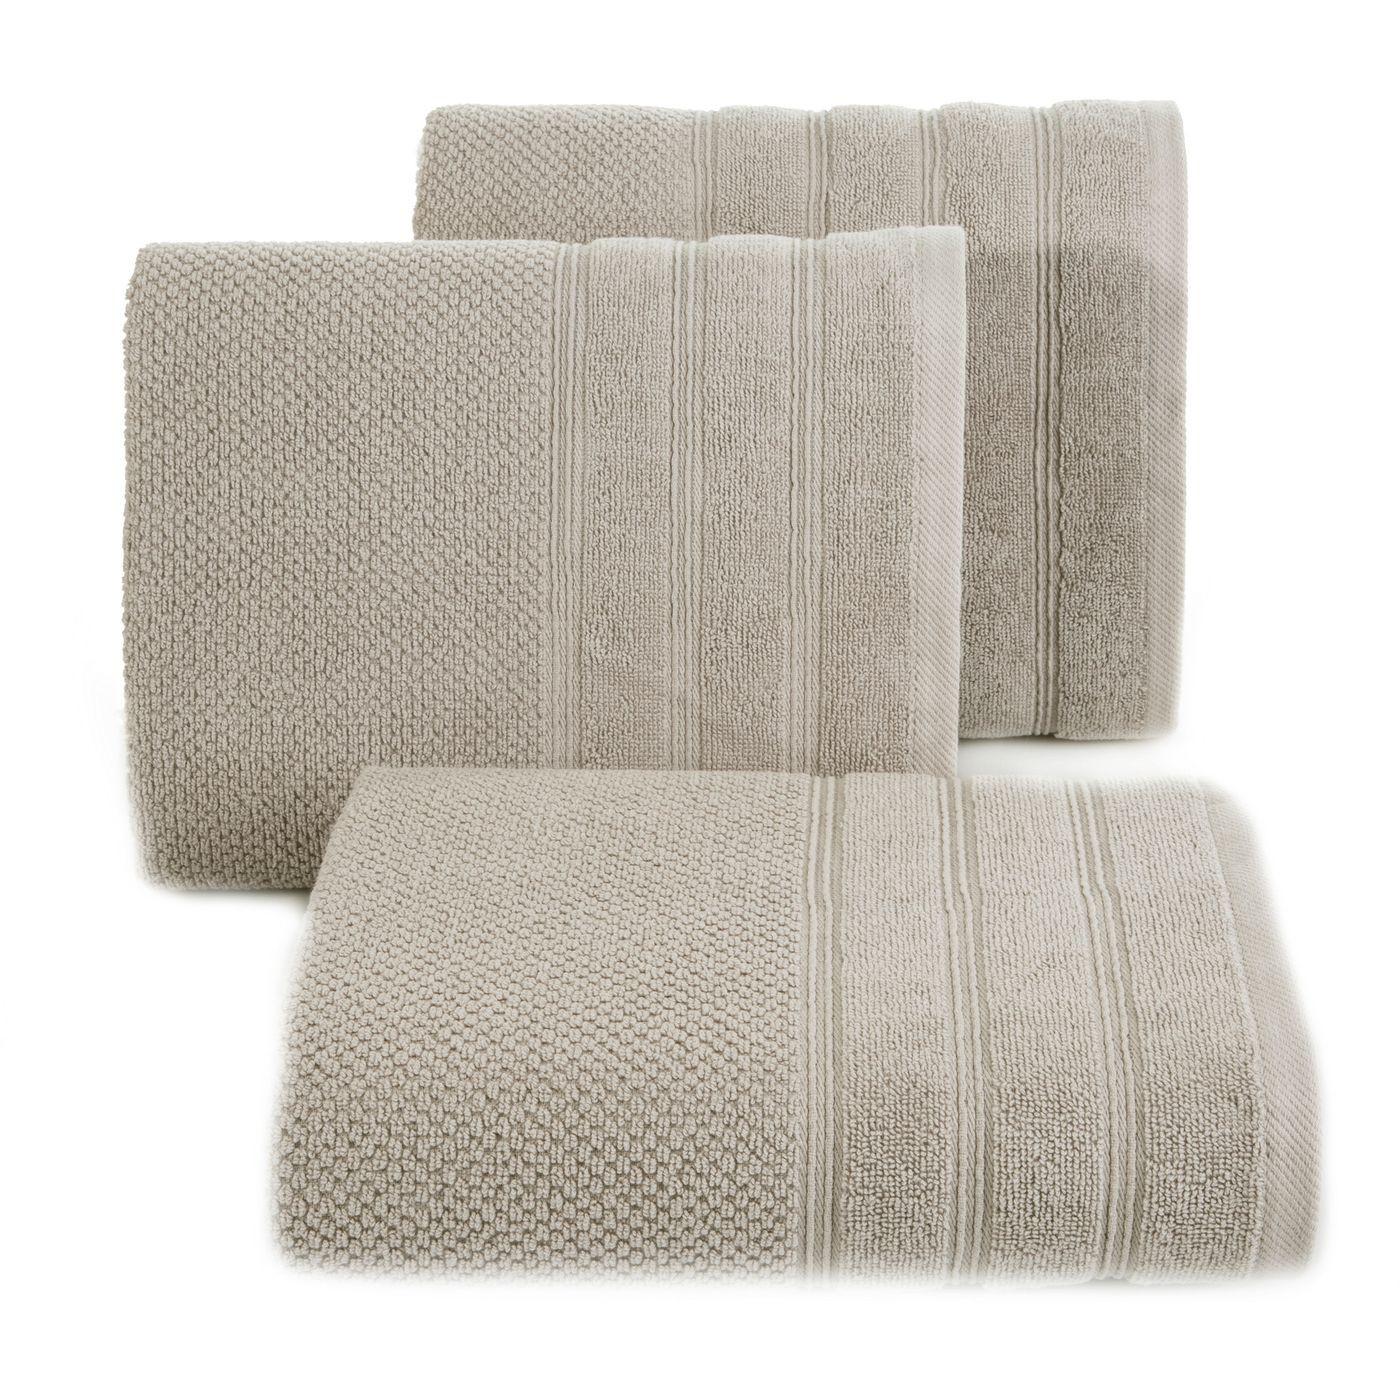 Bawełniany ręcznik kąpielowy frote beżowy 70x140